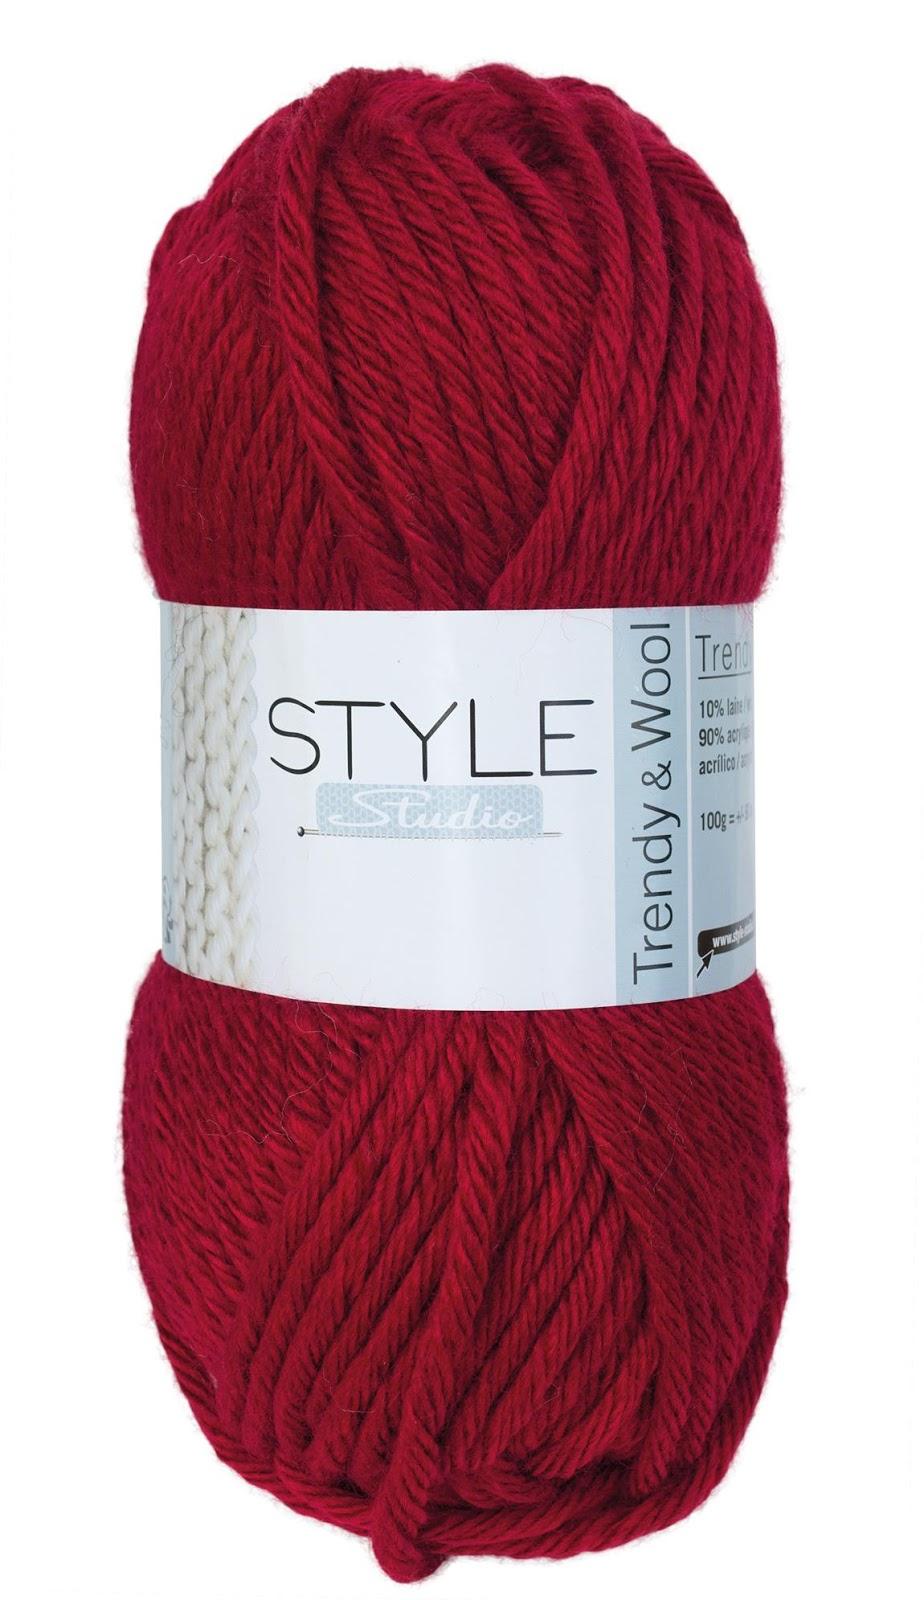 La pelote de 100 gr est vendue 5.90 euros. Ces fils sont parfait pour  tricoter, bonnet, écharpe, plaid, etc…. 4 coloris sont actuellement  disponibles   gris ... 9d60095b531